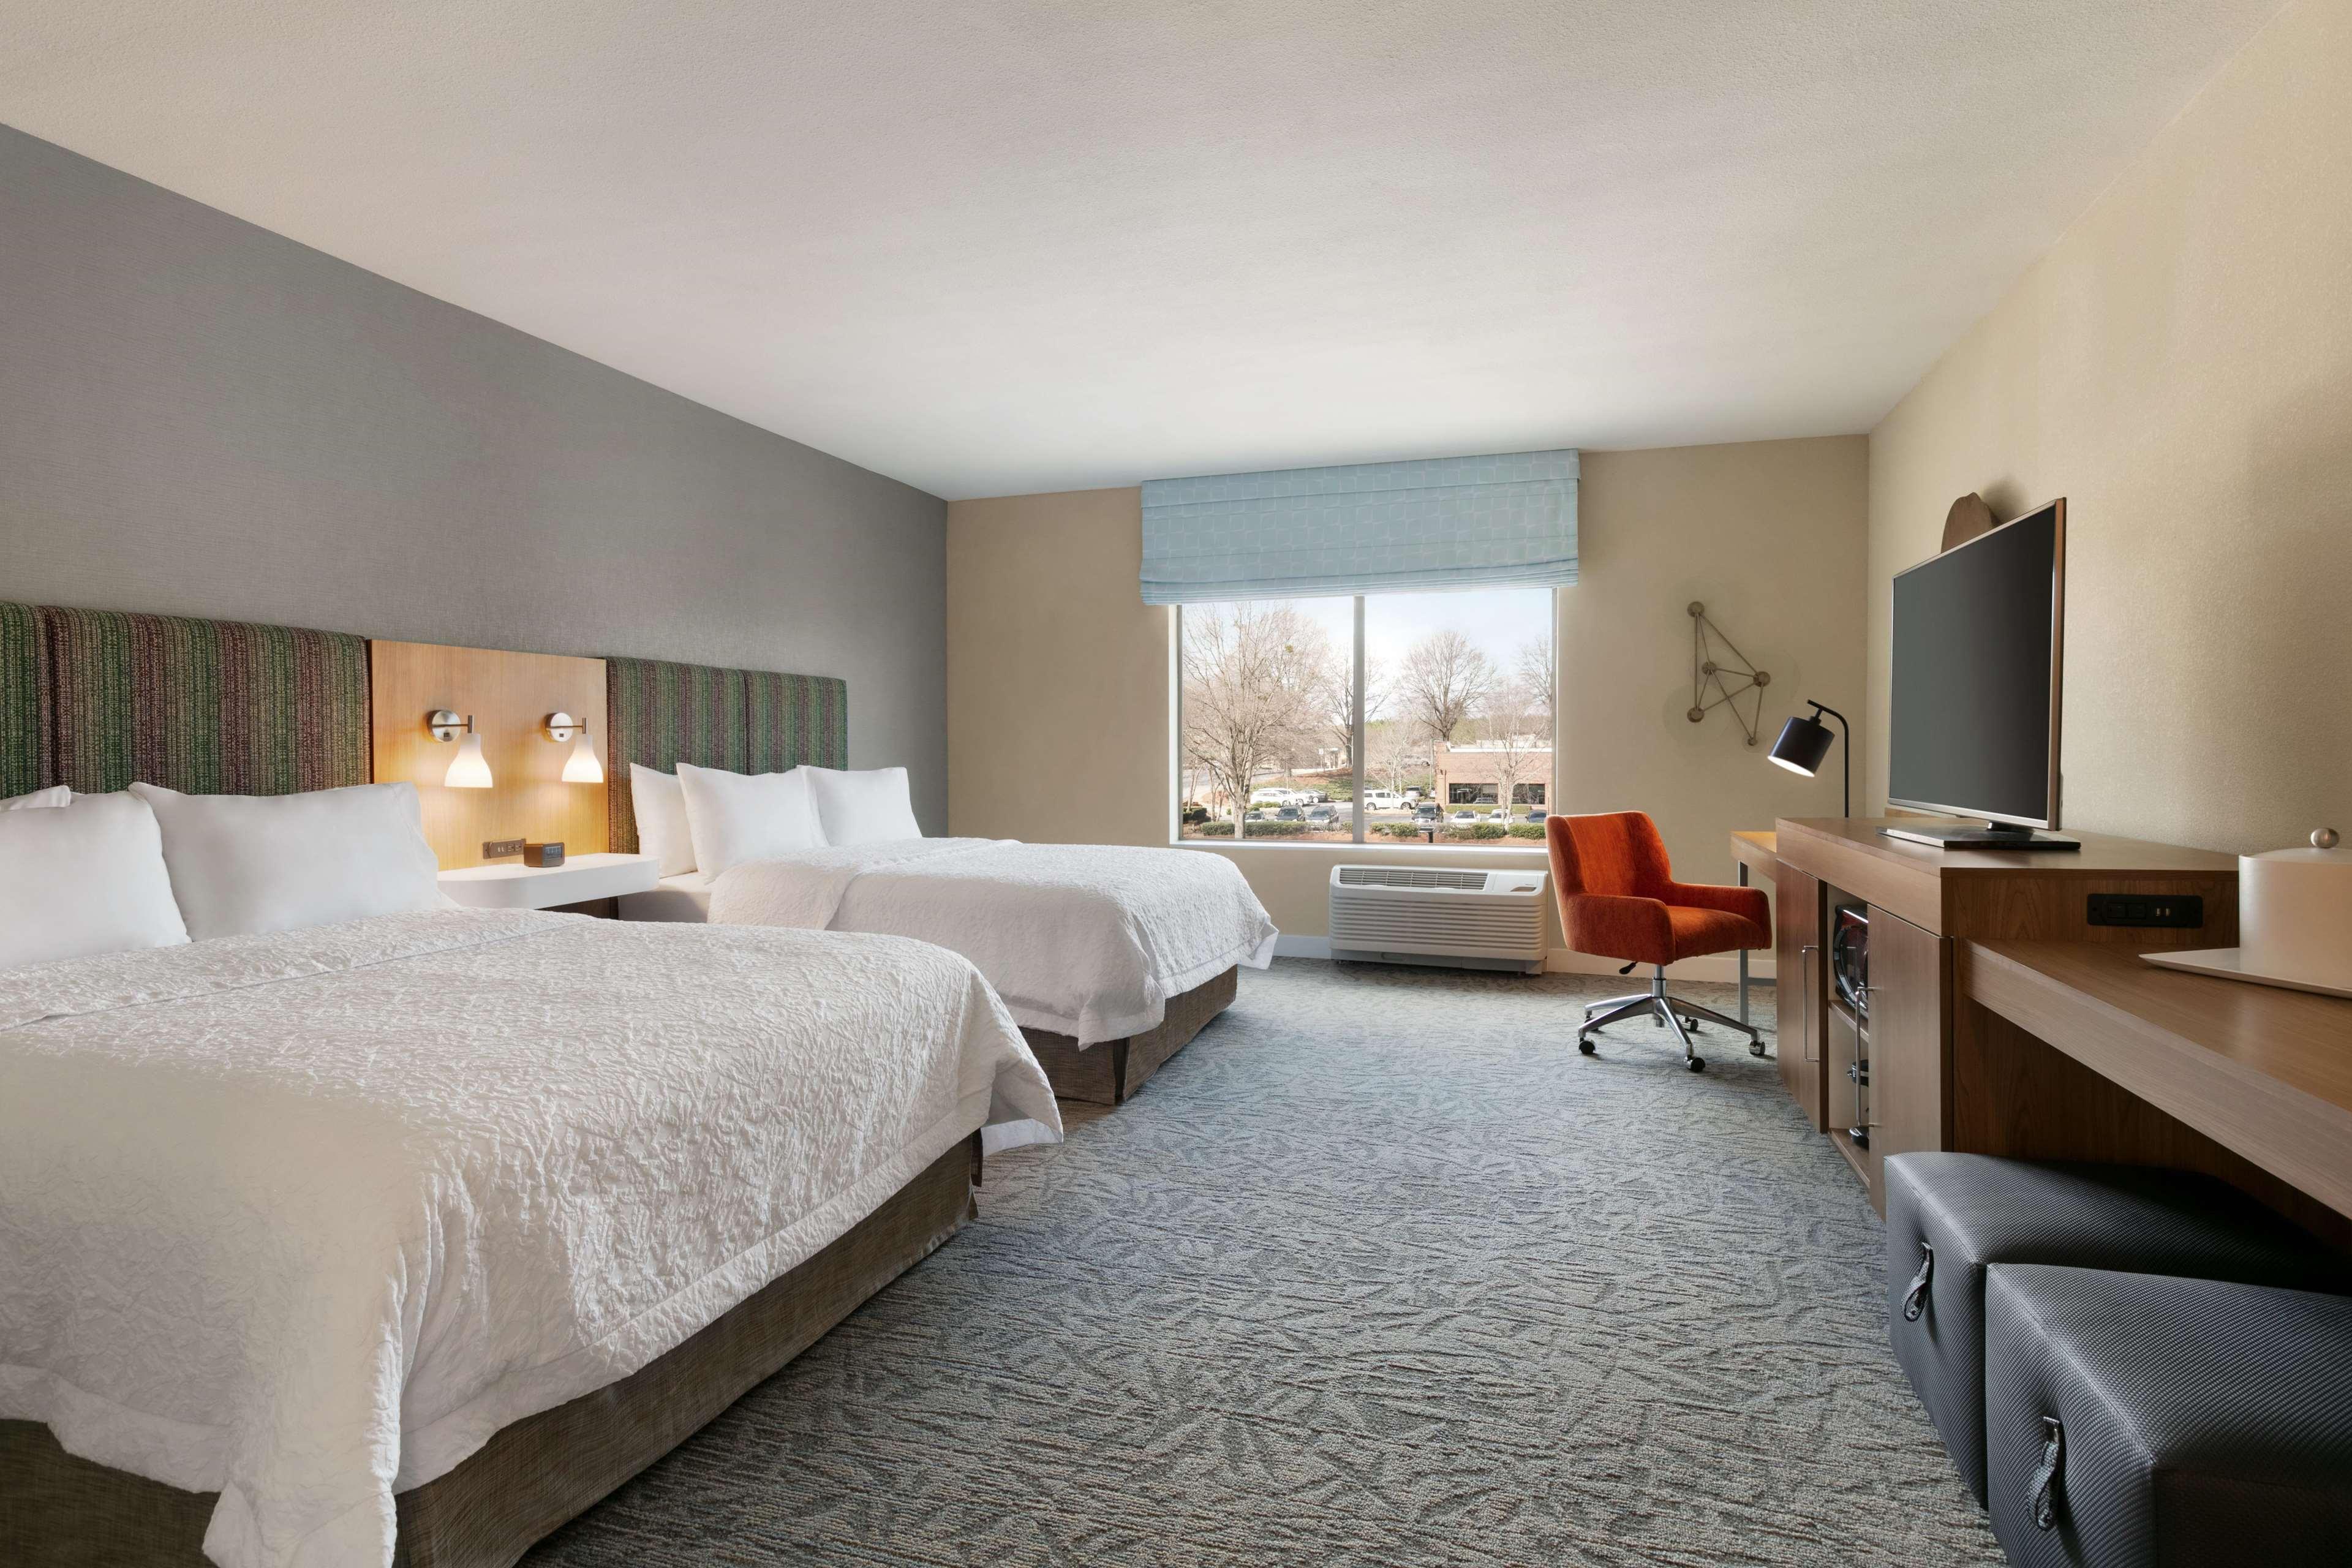 Hampton Inn and Suites Johns Creek image 30